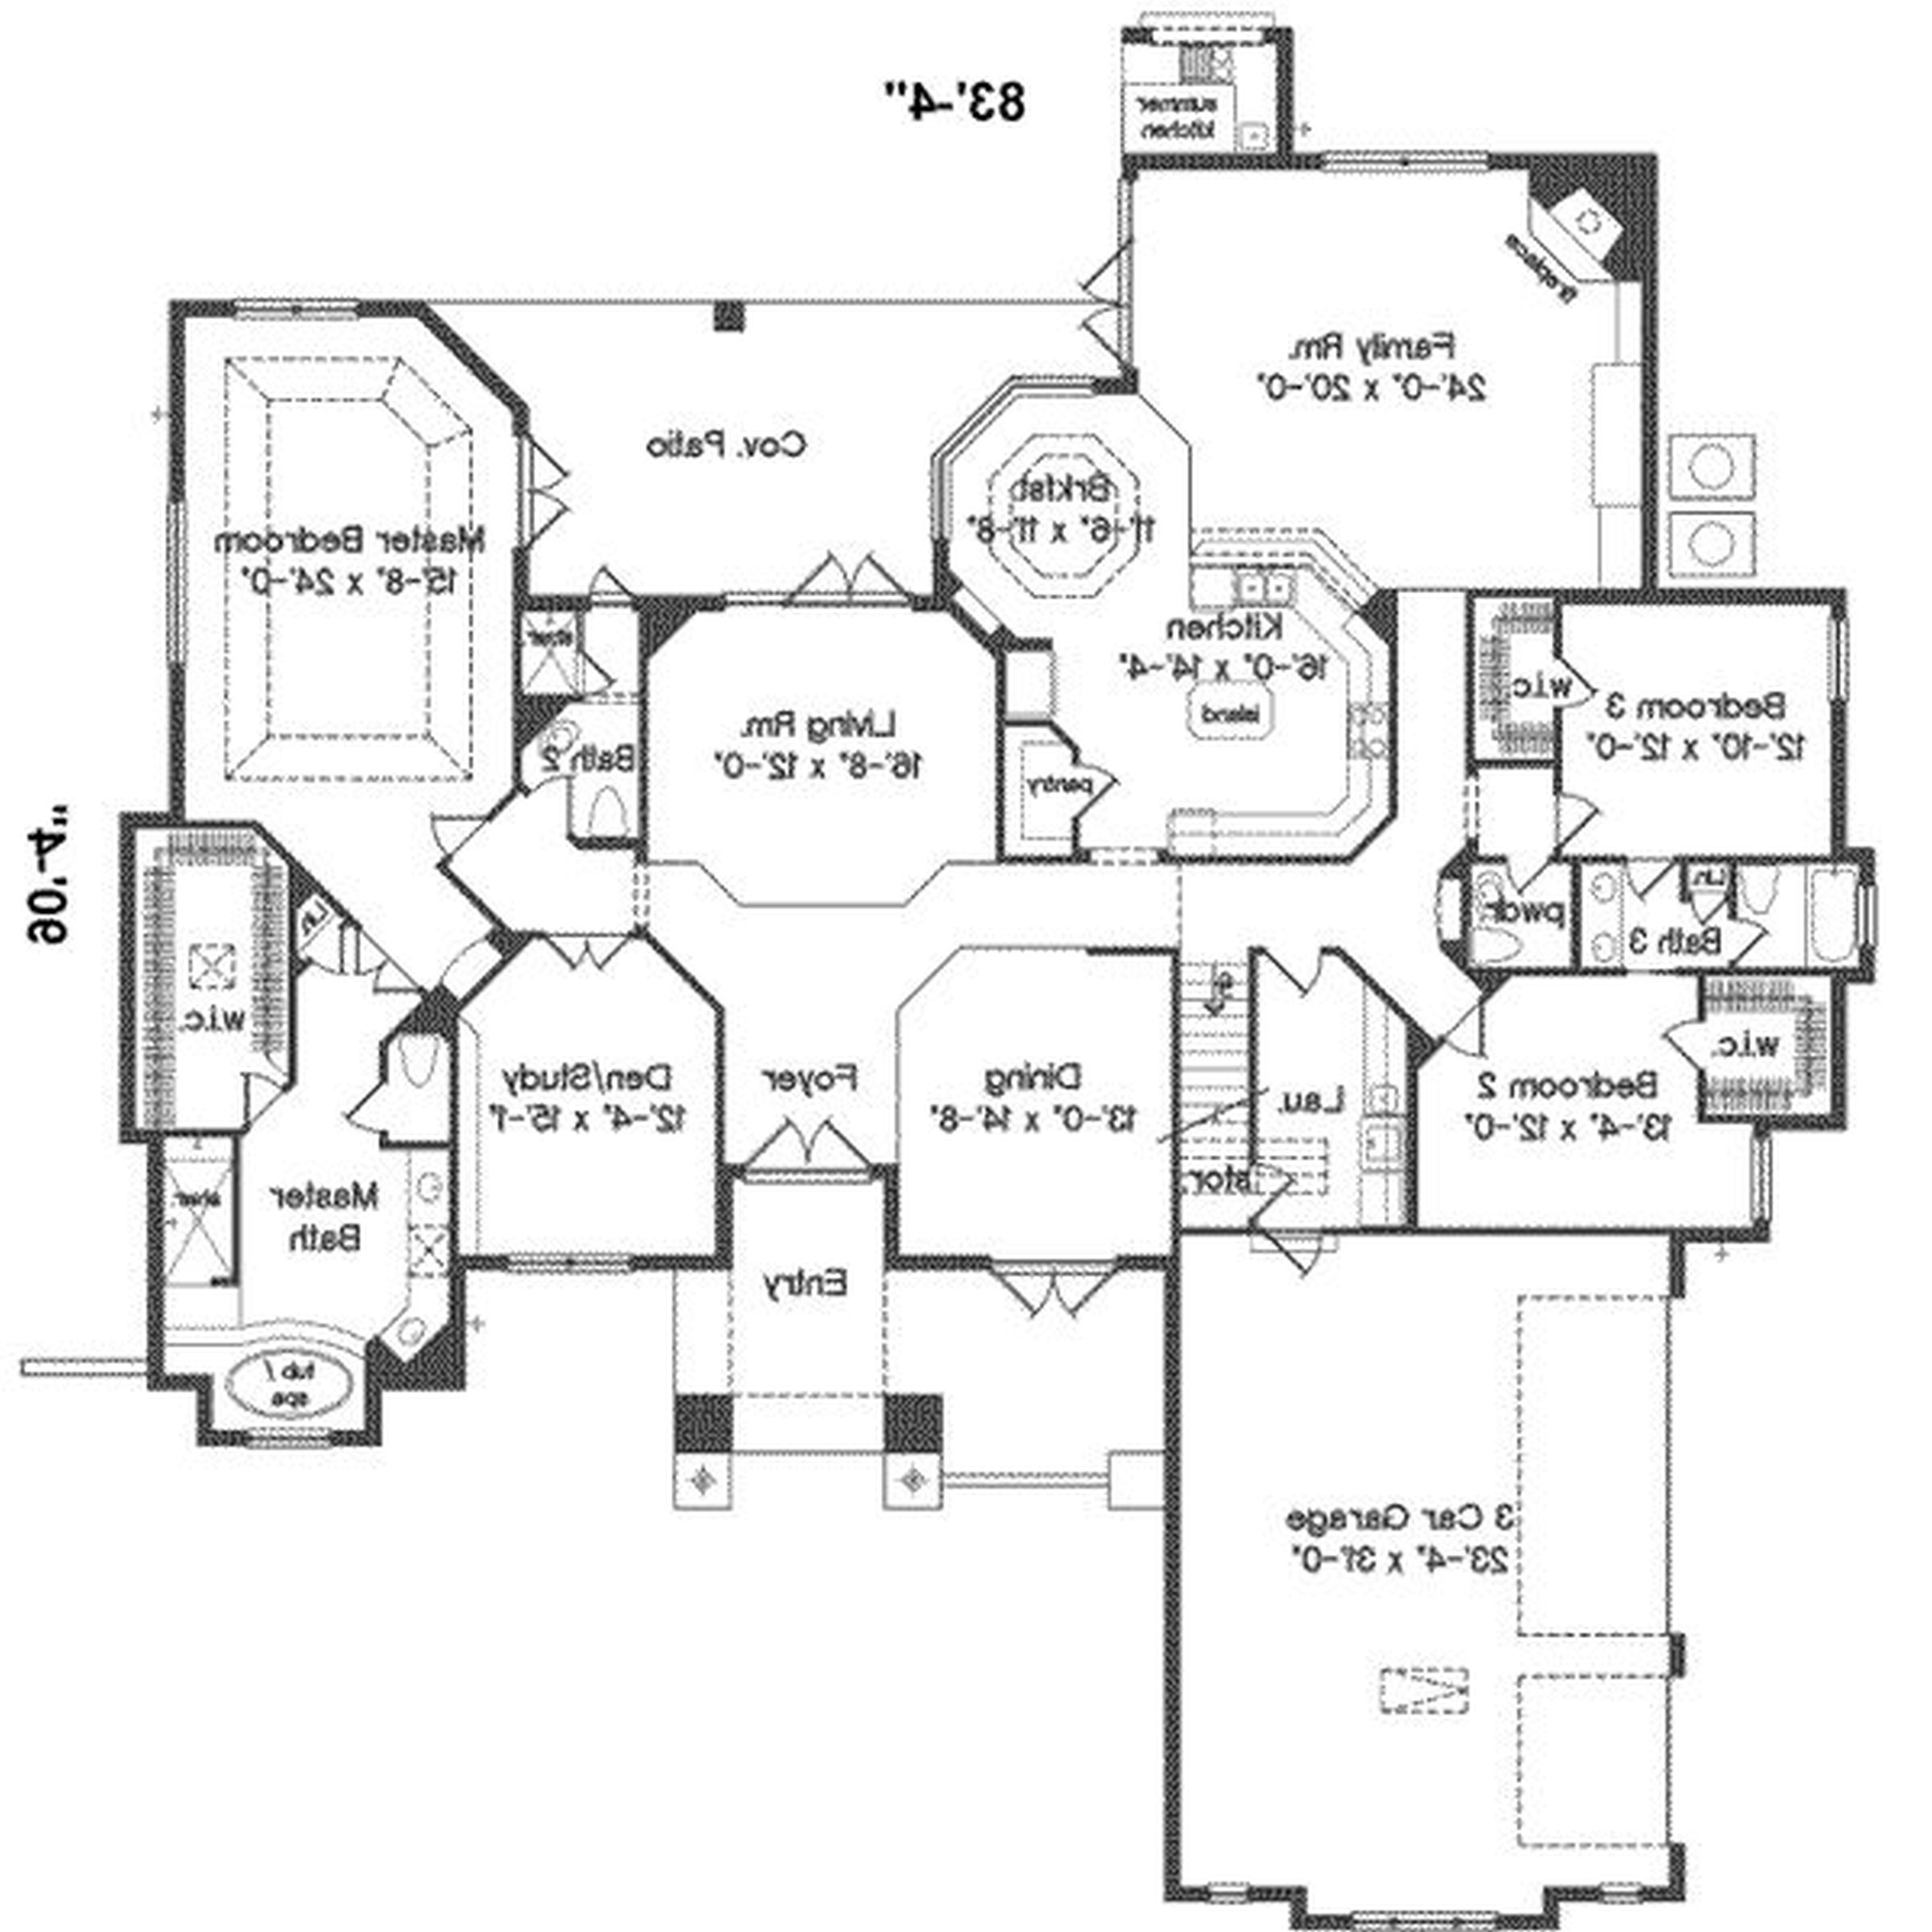 5000x5000 Uncategorized Sketch Plan For 3 Bedroom House Excellent Inside